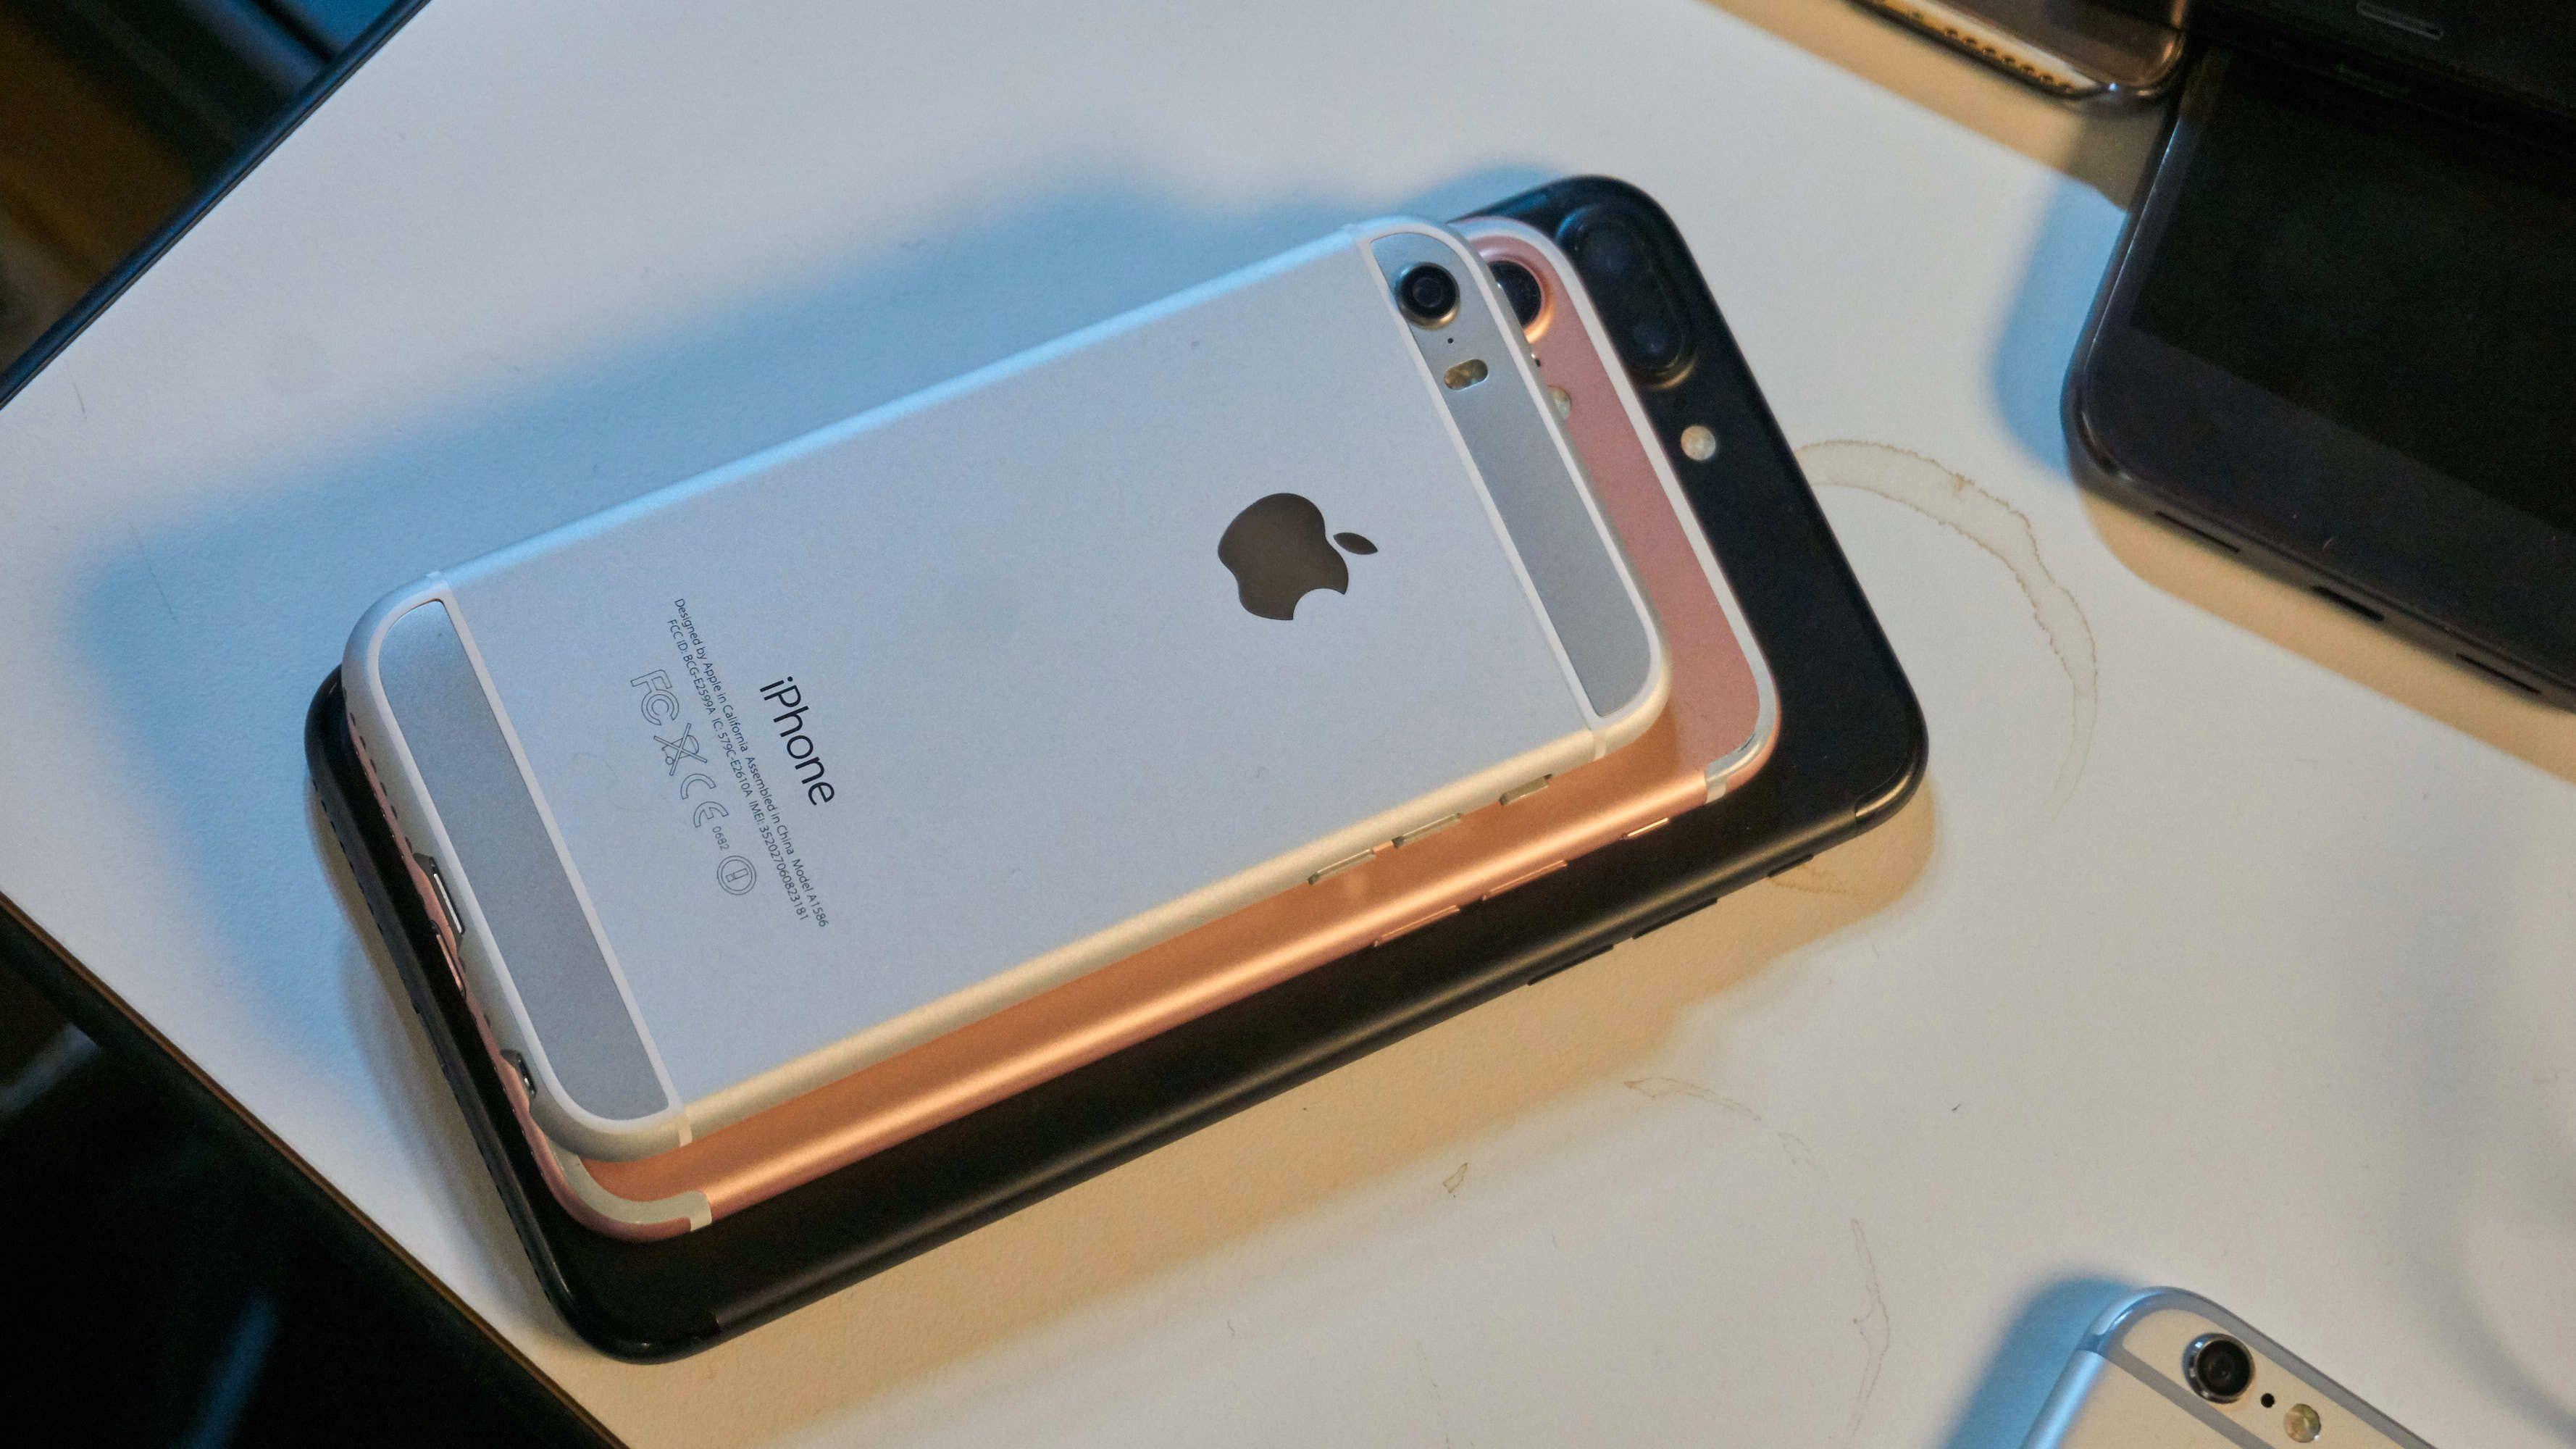 Den lille, nye iPhonen på toppen av en iPhone 7 og en iPhone 7 Plus.